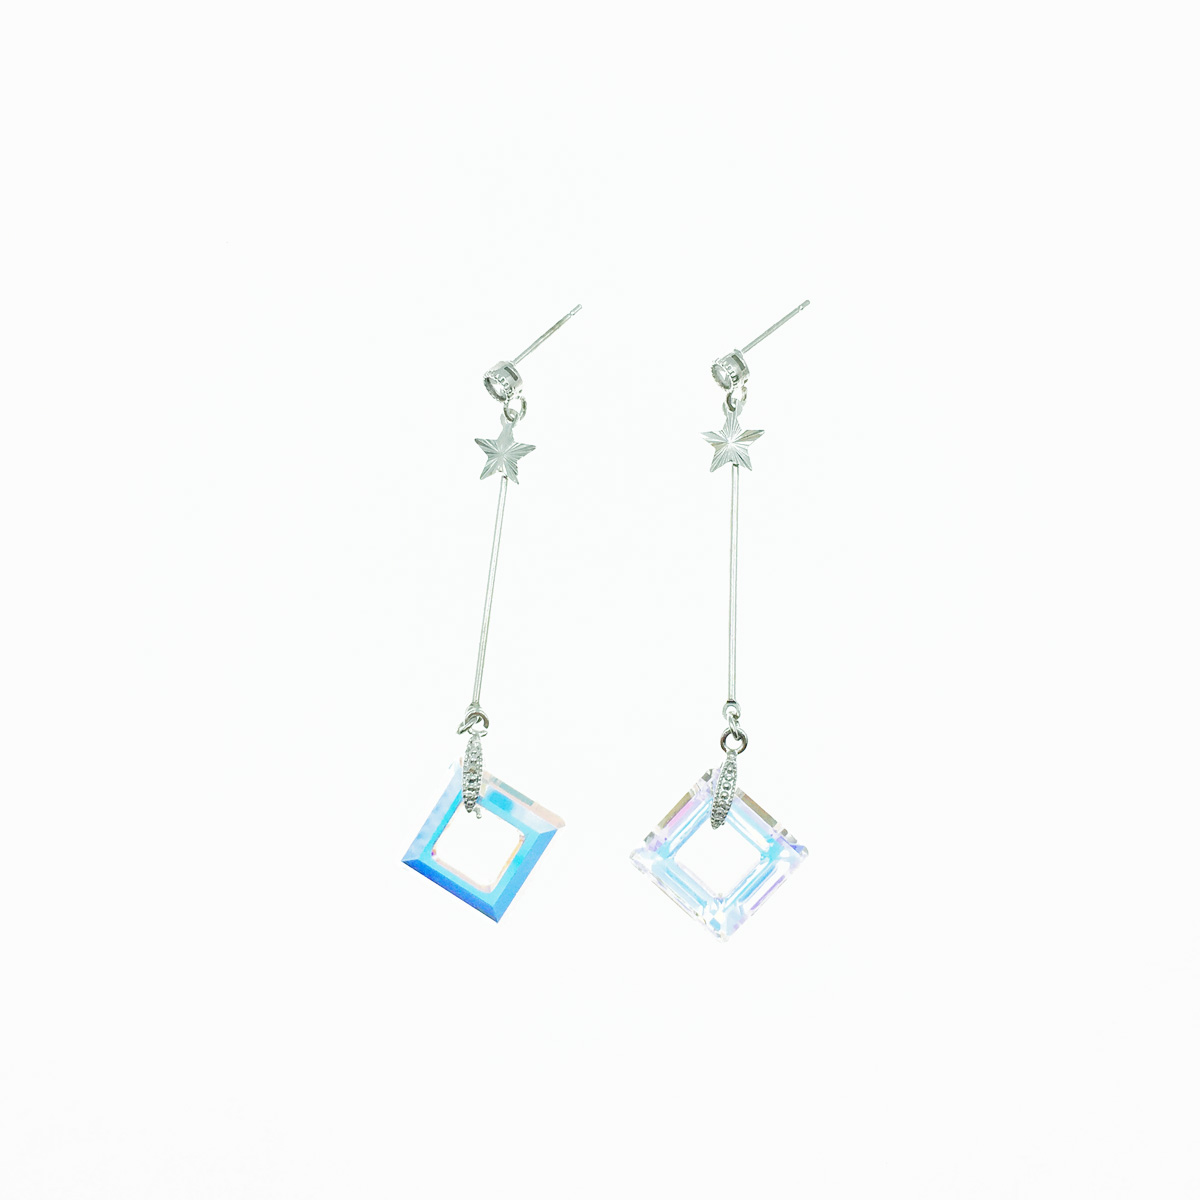 韓國 方形 稜形 水晶 星星 銀色 線條 水鑽 垂墜 耳針式 耳環 採用施華洛世奇水晶元素 Crystals from Swarovski